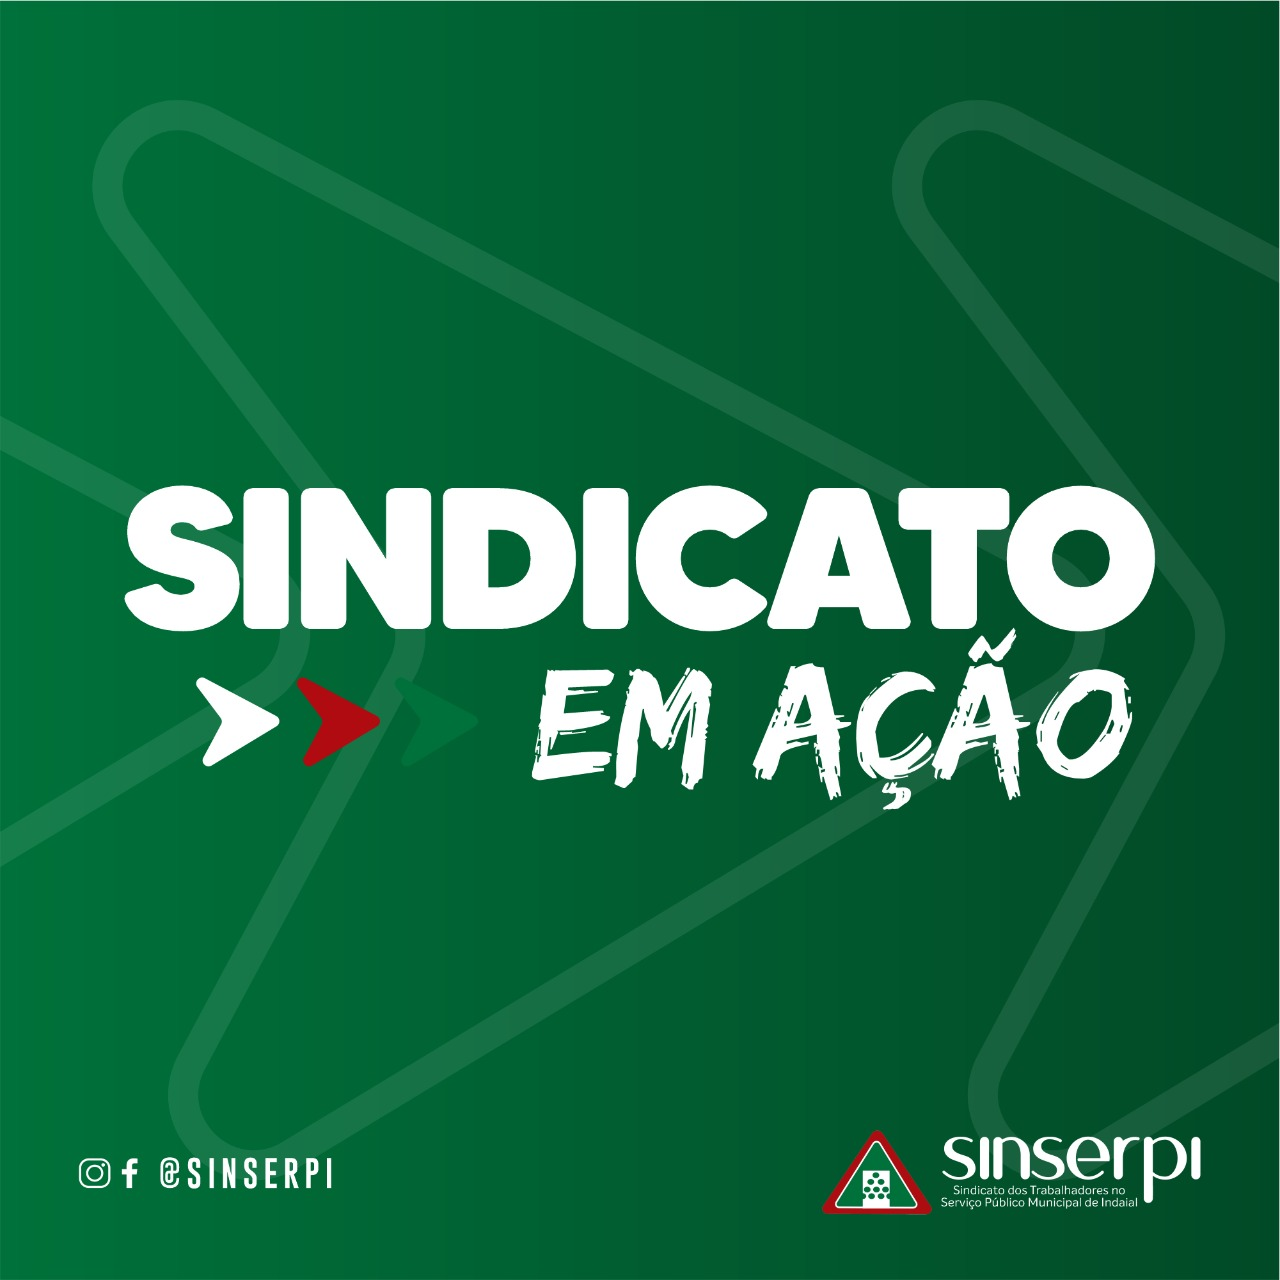 SINDICATO EM AÇÃO! SINSERPI requer novamente à administração municipal debate sobre a defasagem salarial dos servidores públicos municipais.